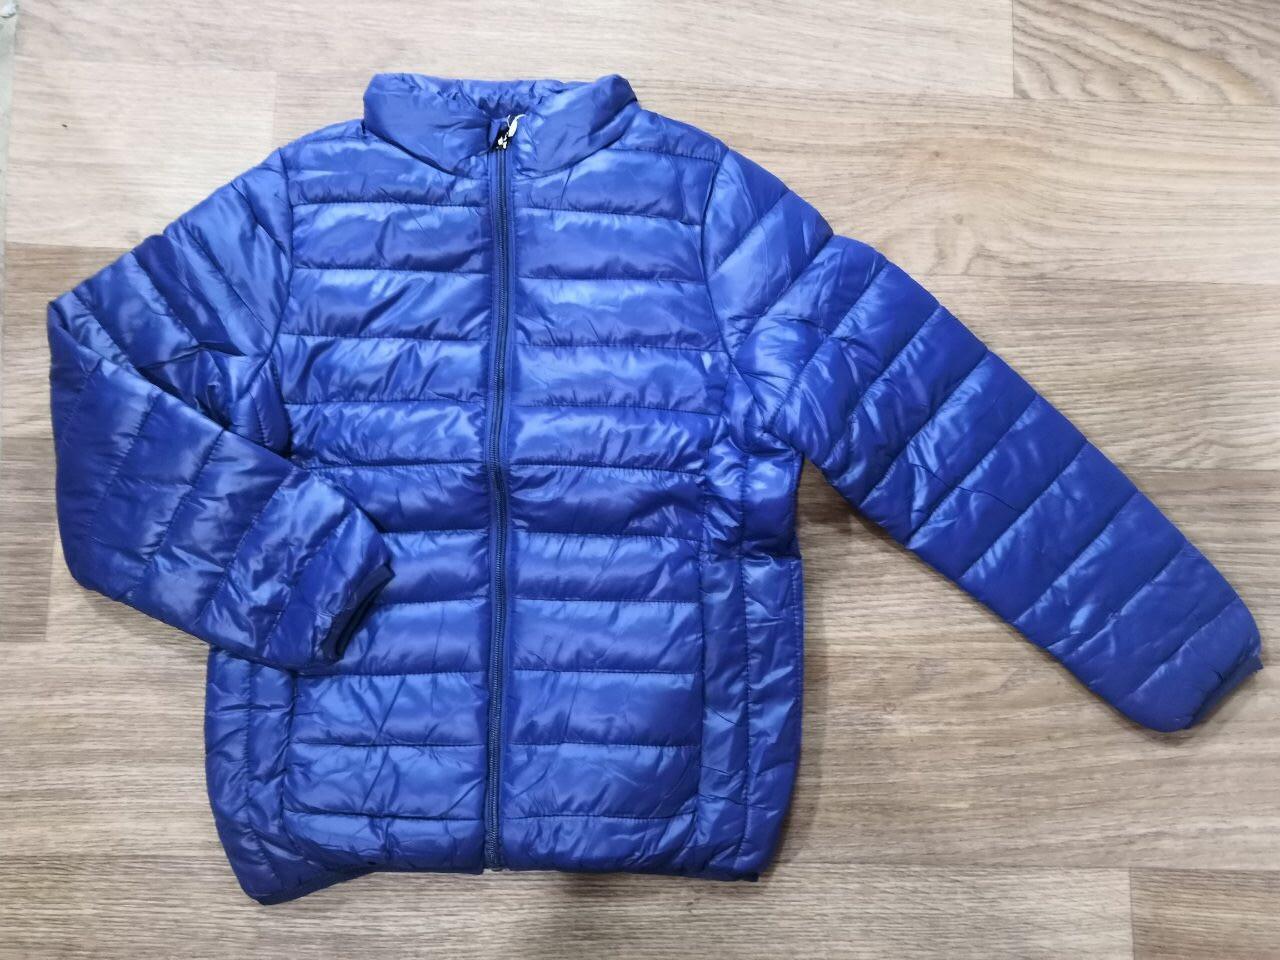 Куртка демисезонная на мальчика цвет темно синий 134-140 см